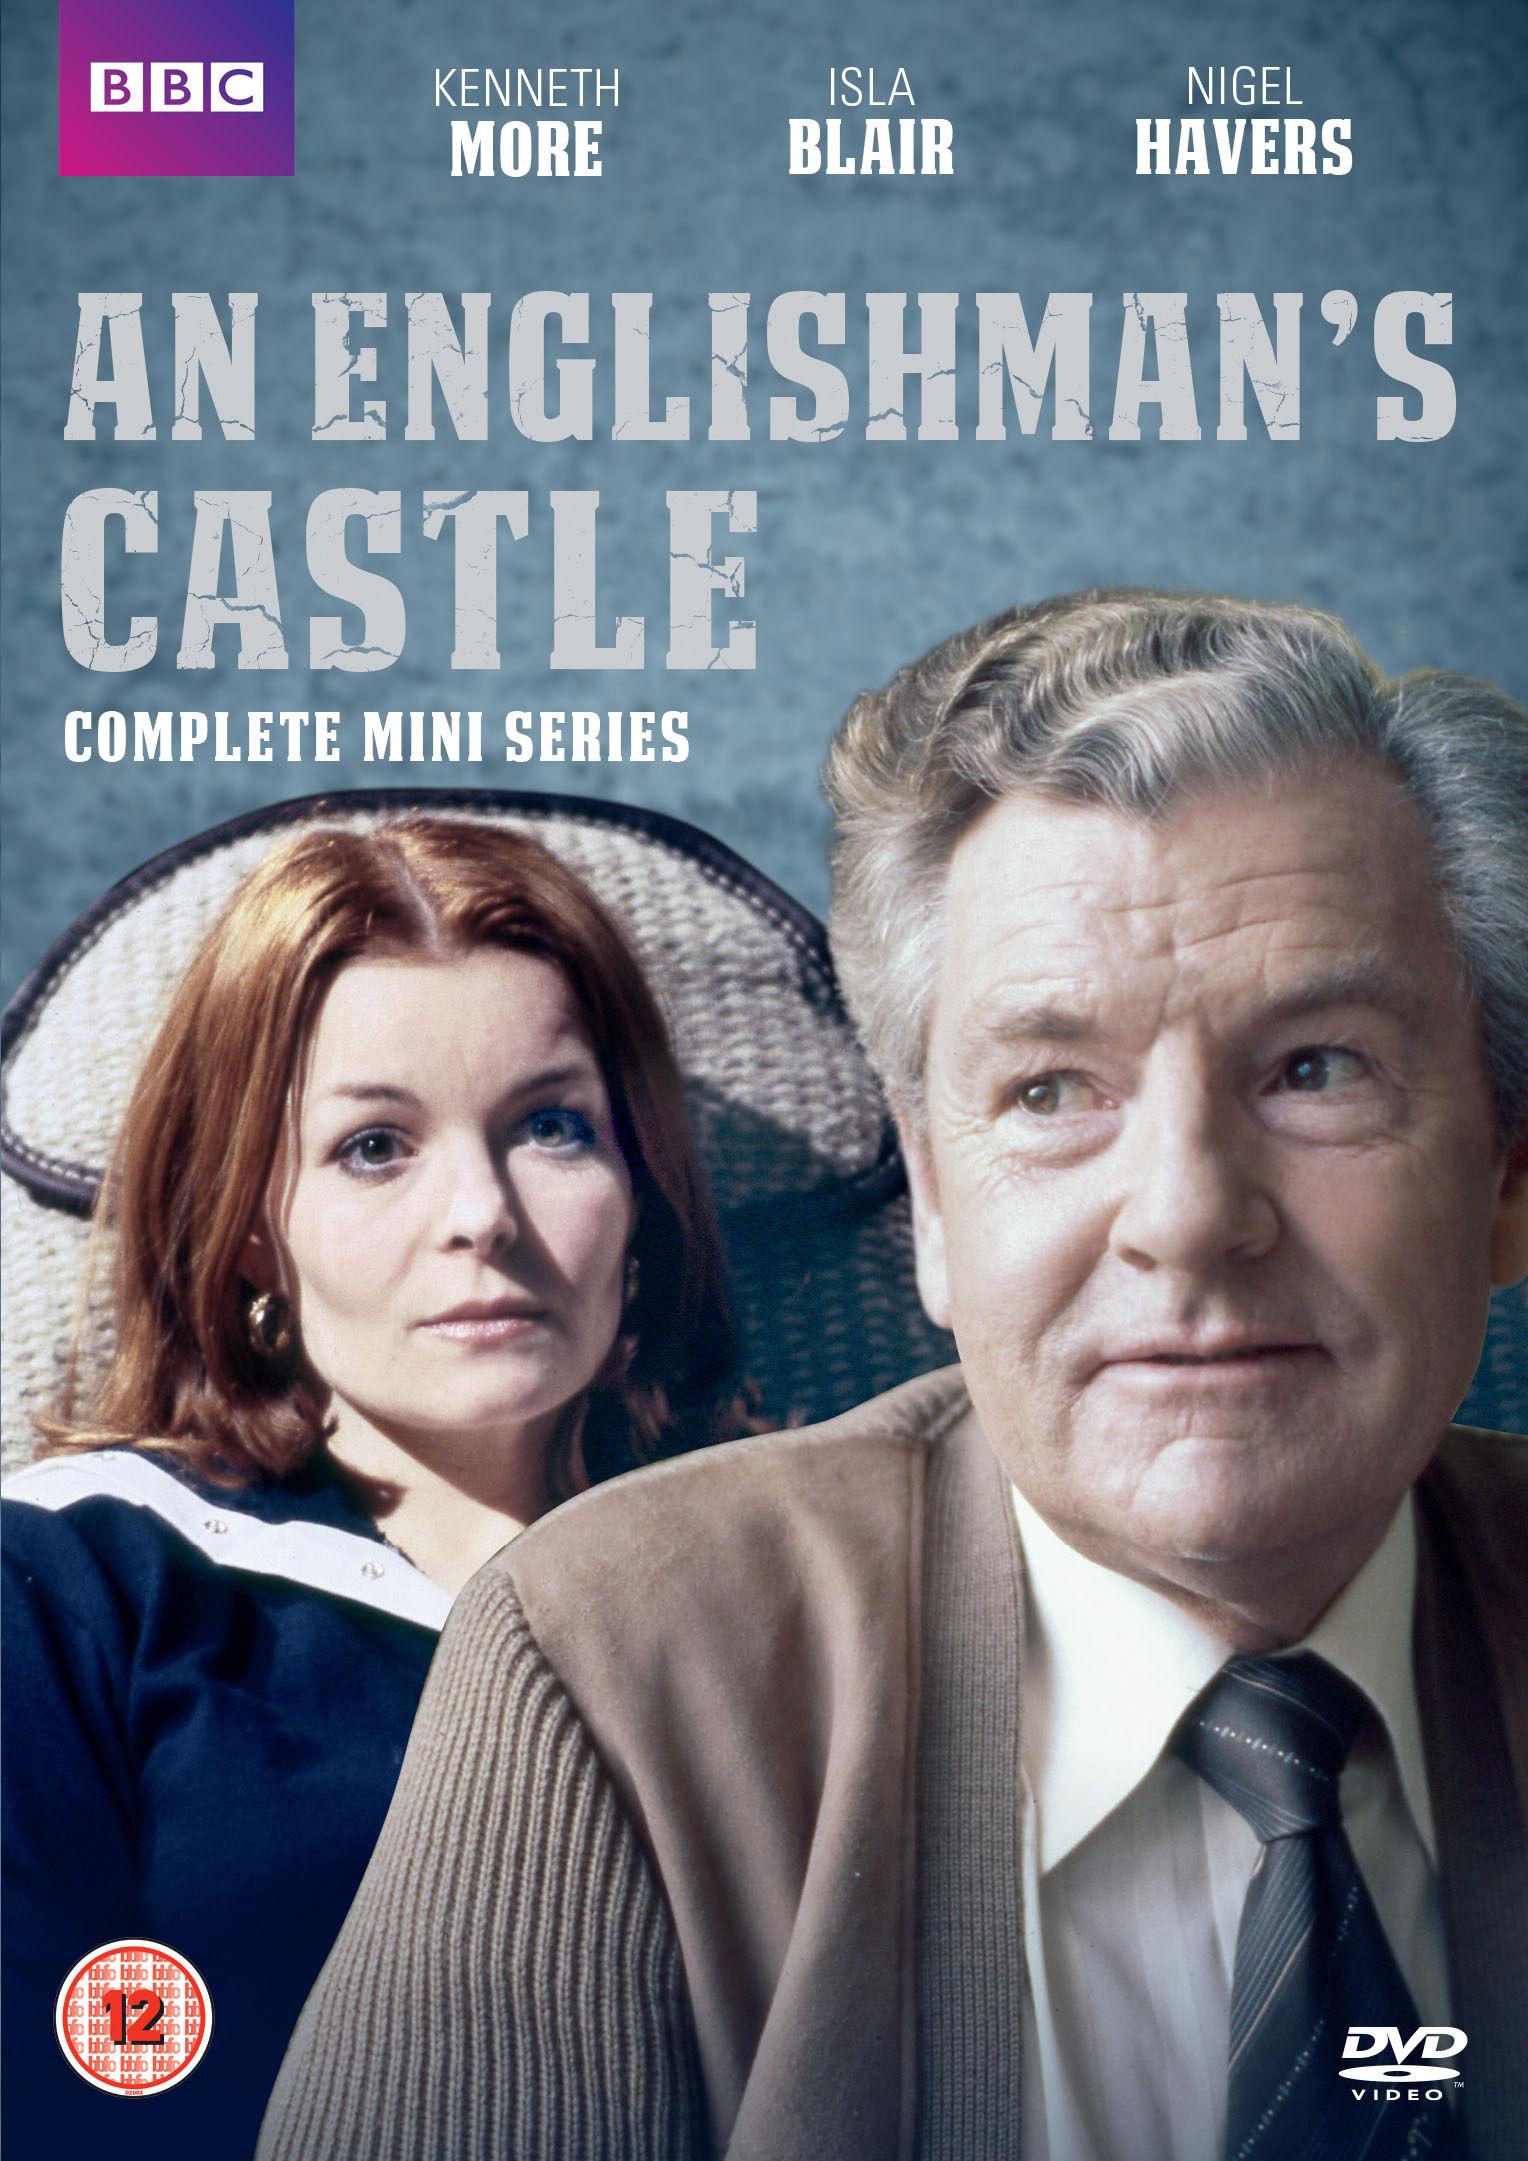 An Englishman's Castle cover